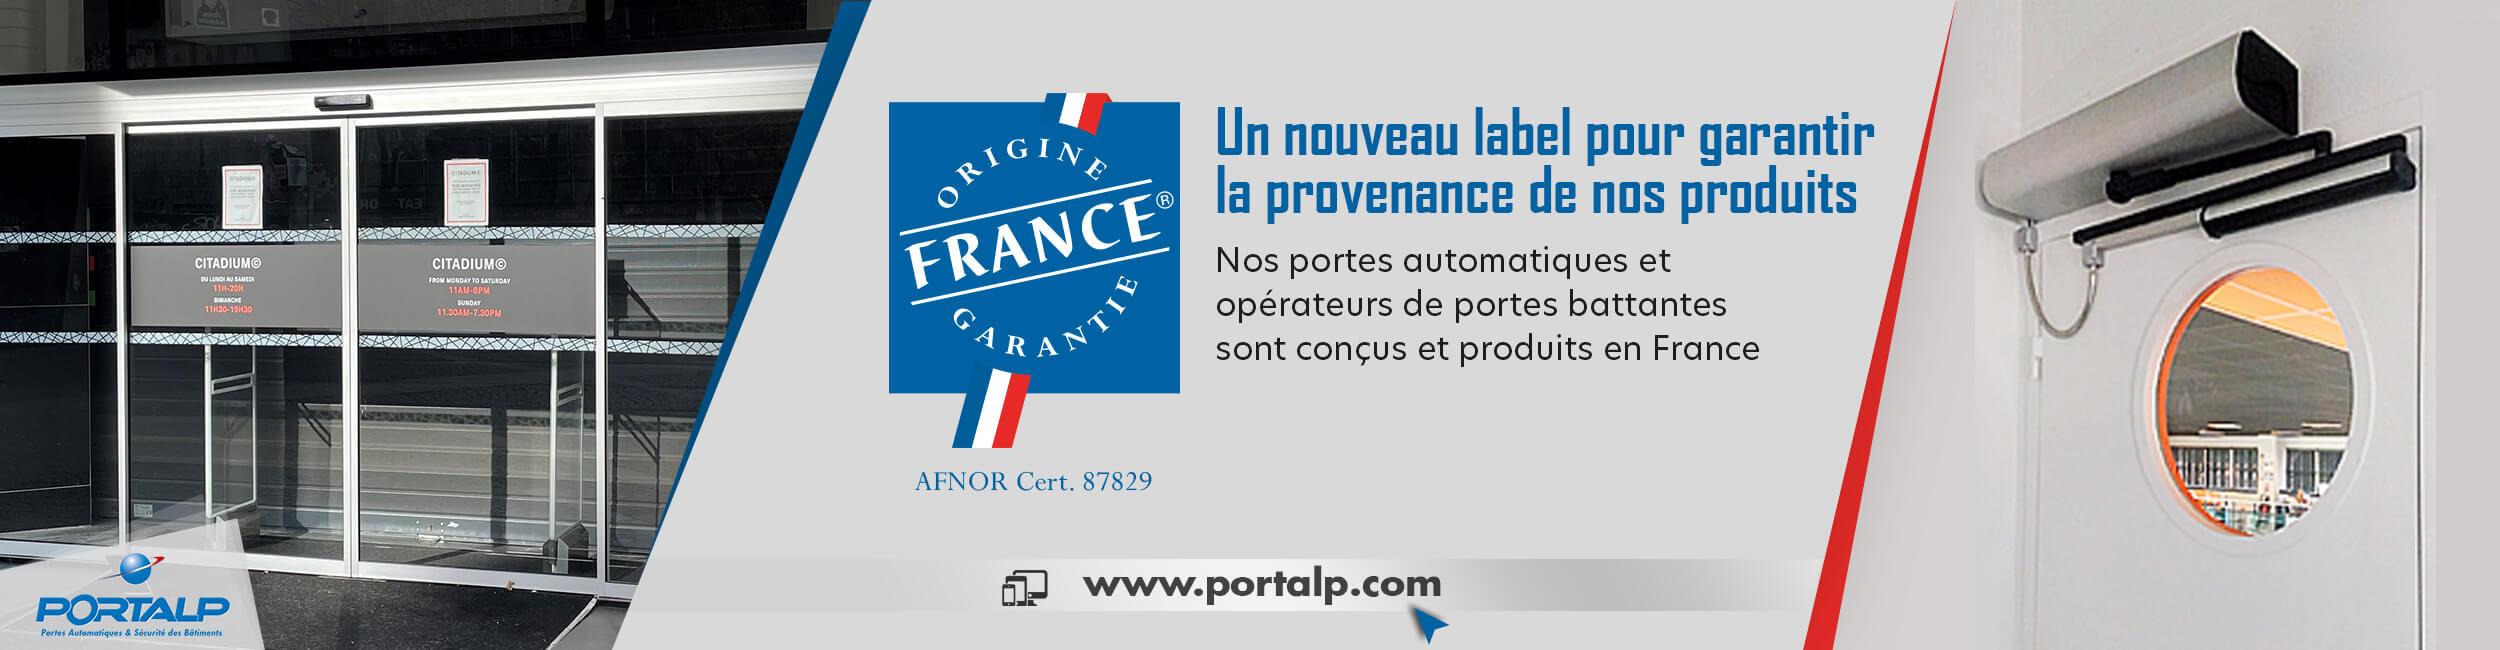 Un nouveau label pour garantir        la provenance de nos produits